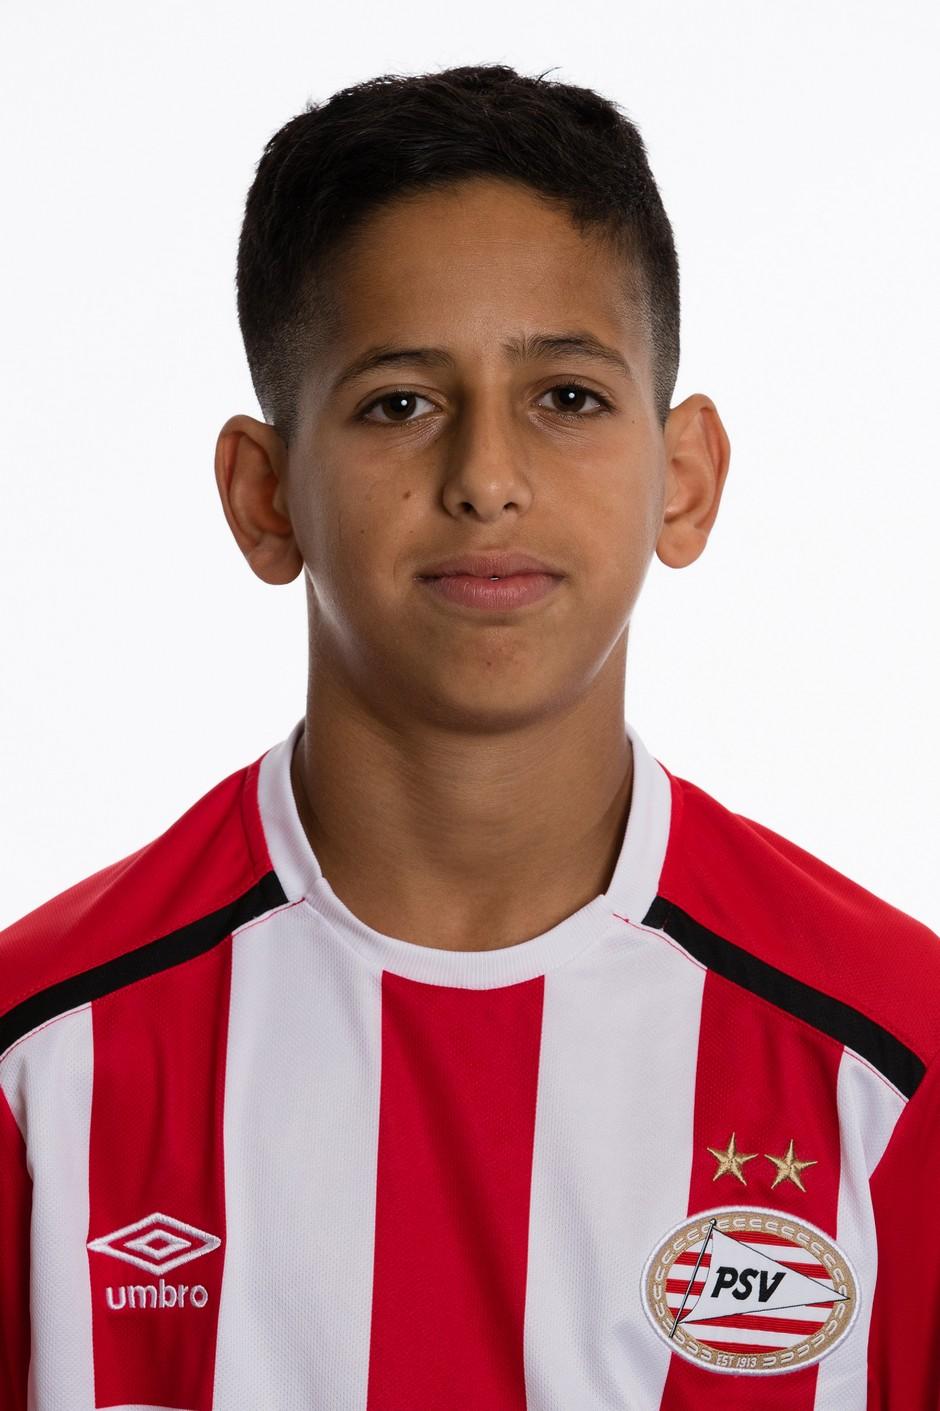 Mohamed Nassoh